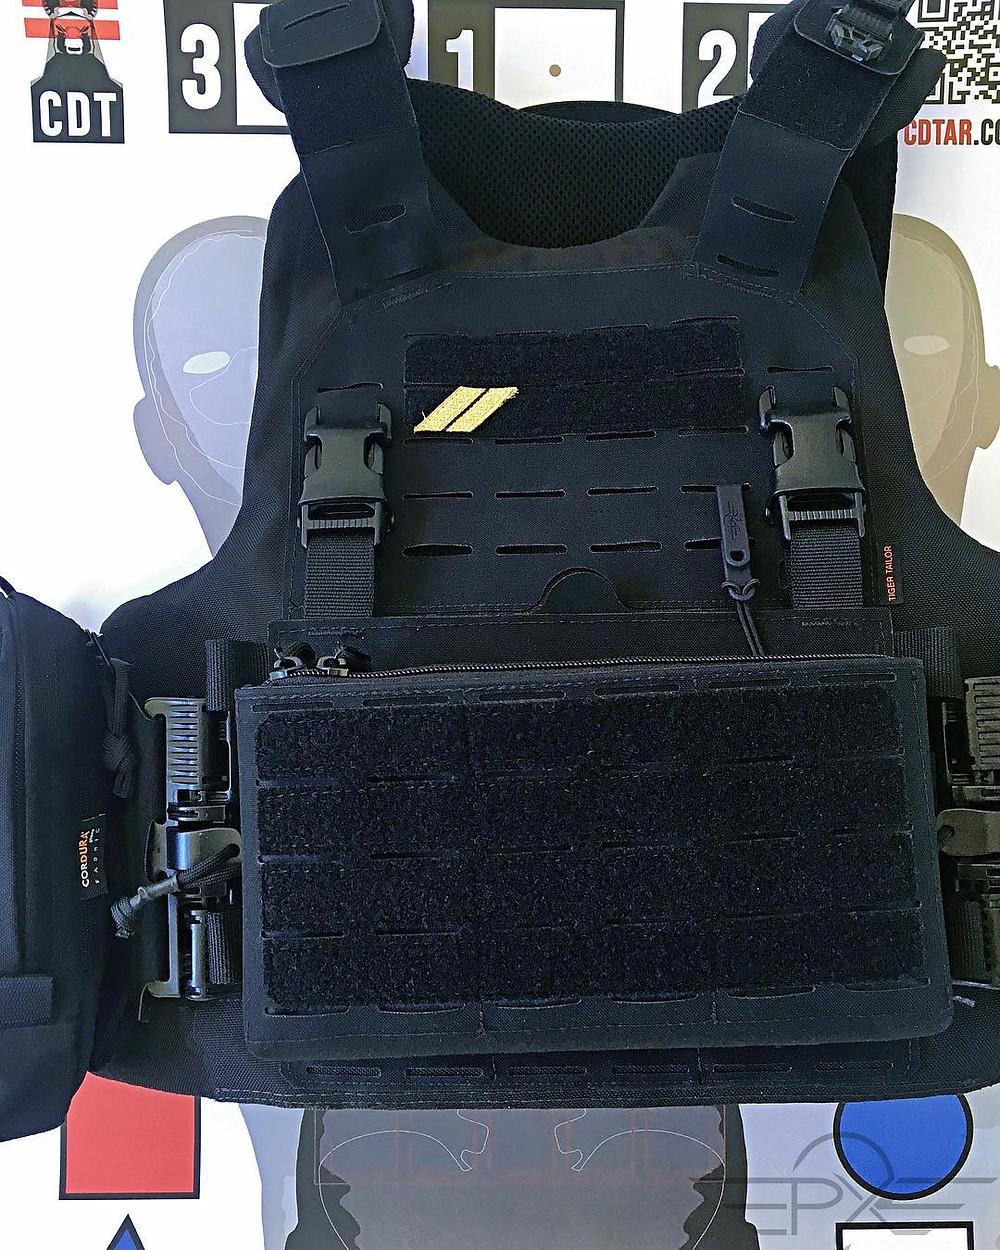 CROKYD gendarmerie nationale Polgen Tiger Tailor CDTARGET